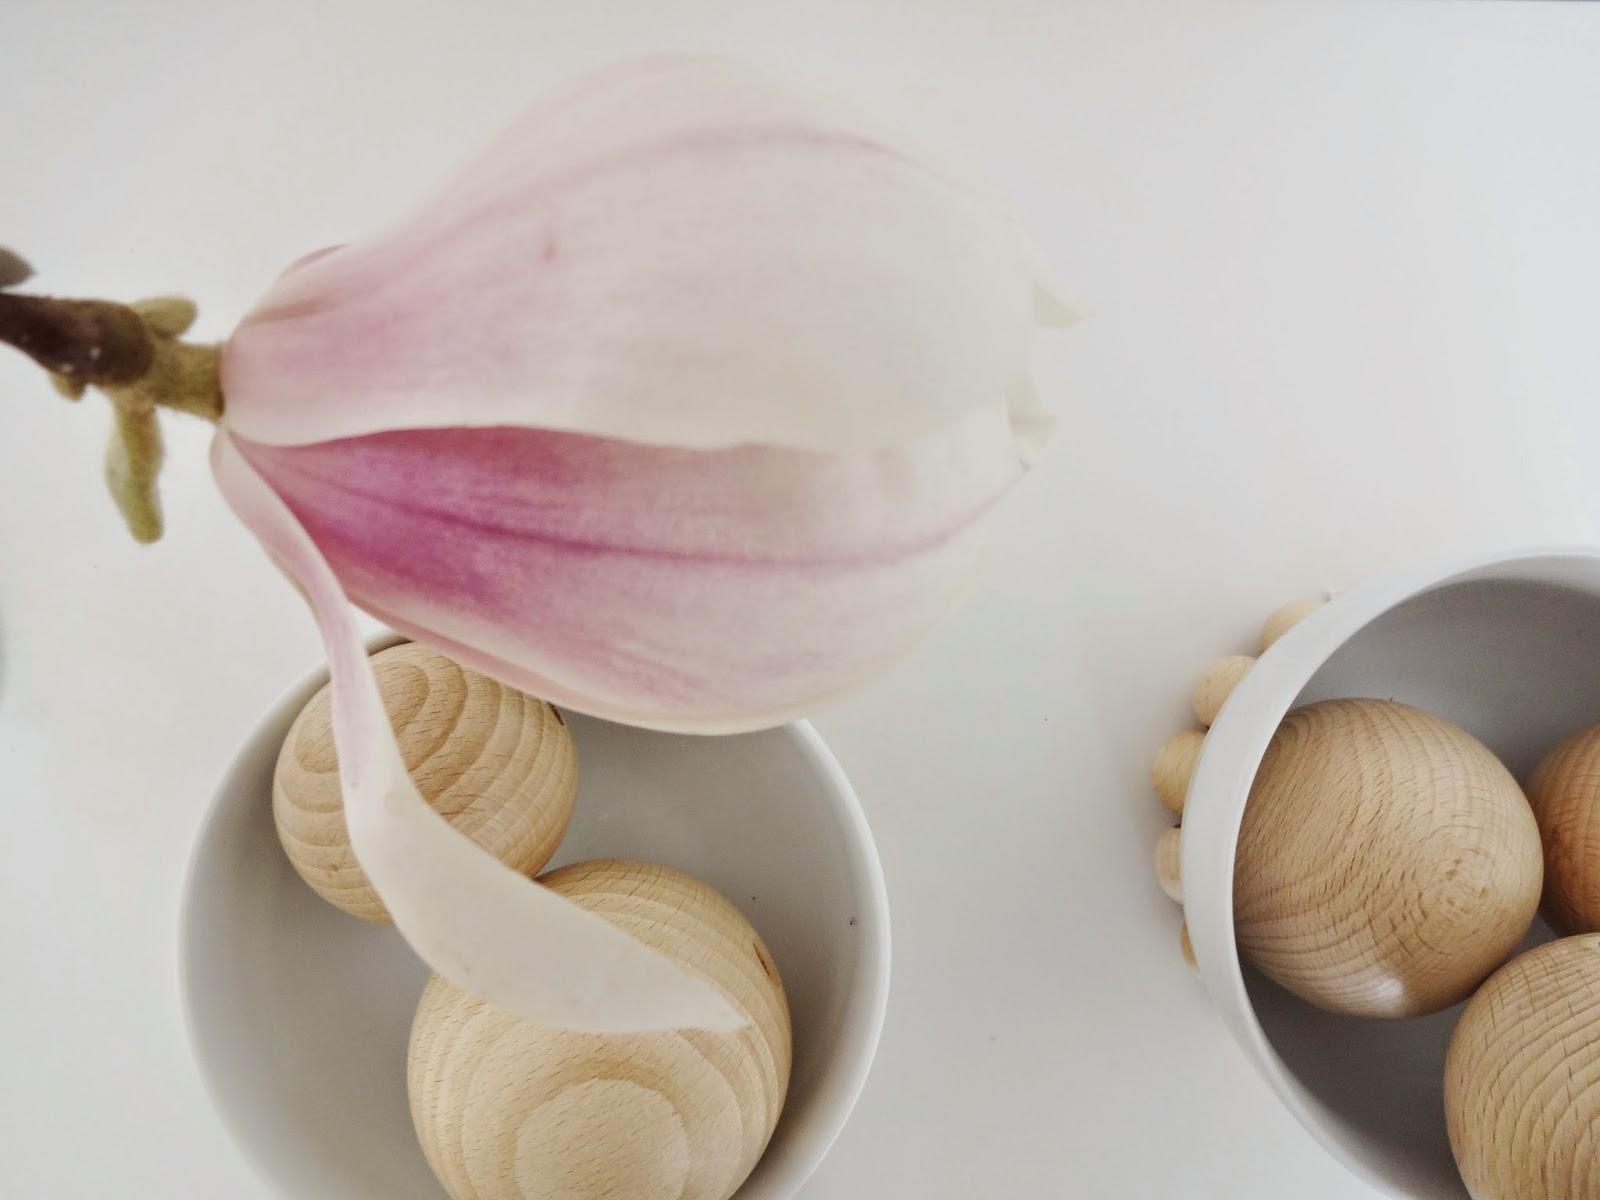 basteln malen kuchen backen koulourakia magnolien und noch mehr kreidefarbe. Black Bedroom Furniture Sets. Home Design Ideas